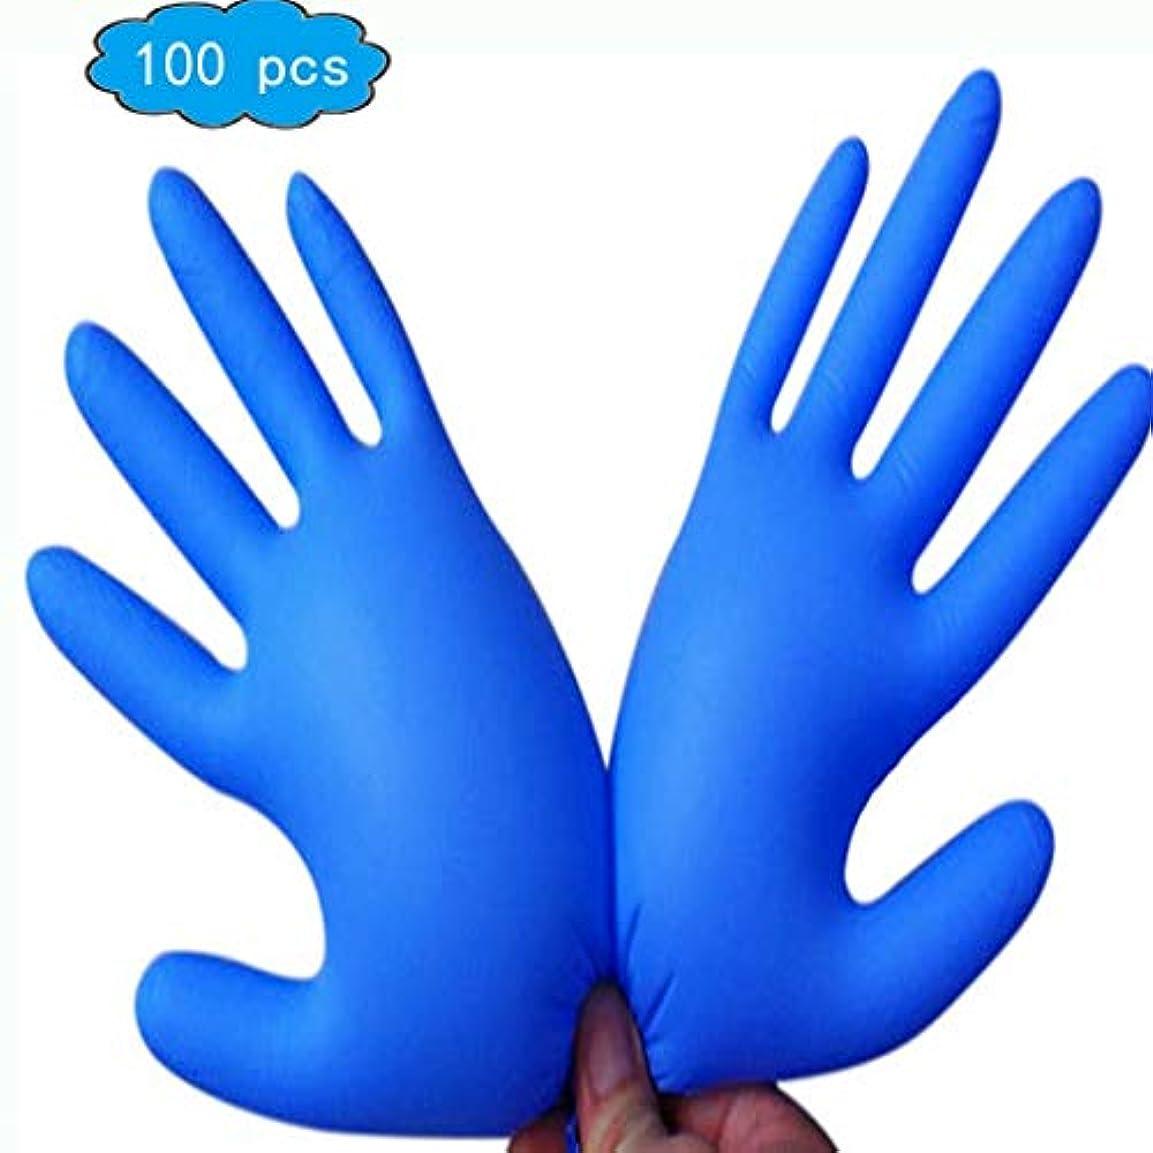 行母性凶暴な使い捨てニトリル試験手袋、(青)、医療グレード、ラテックスフリー、パウダーフリー、食品安全(100)、家庭用品、手と腕の保護 (Color : Blue, Size : L)